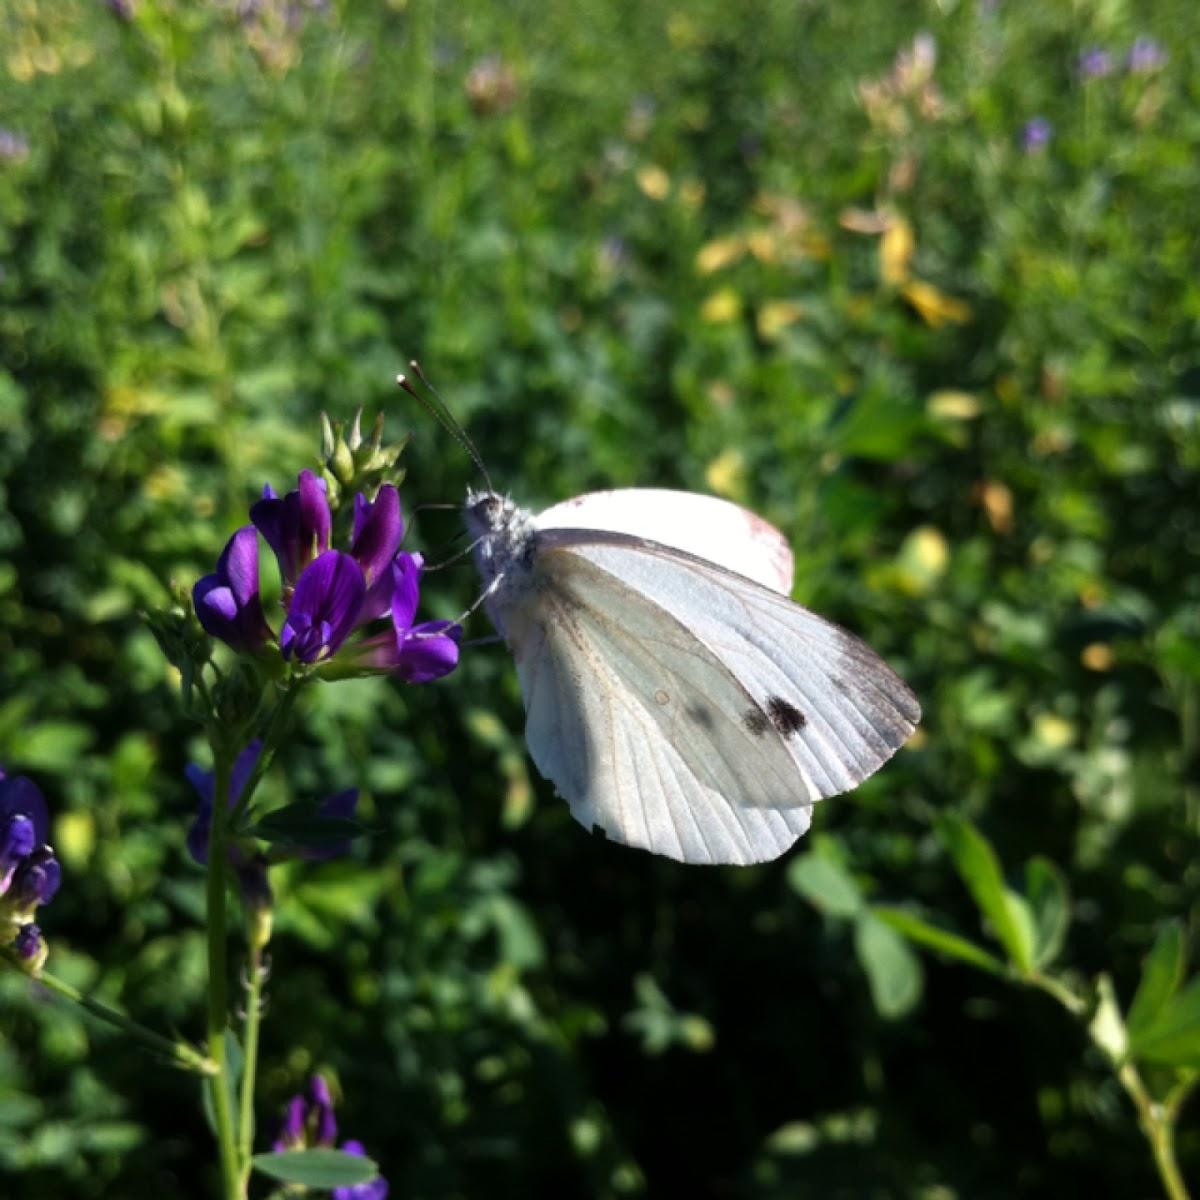 Cavolaia minore, Small White